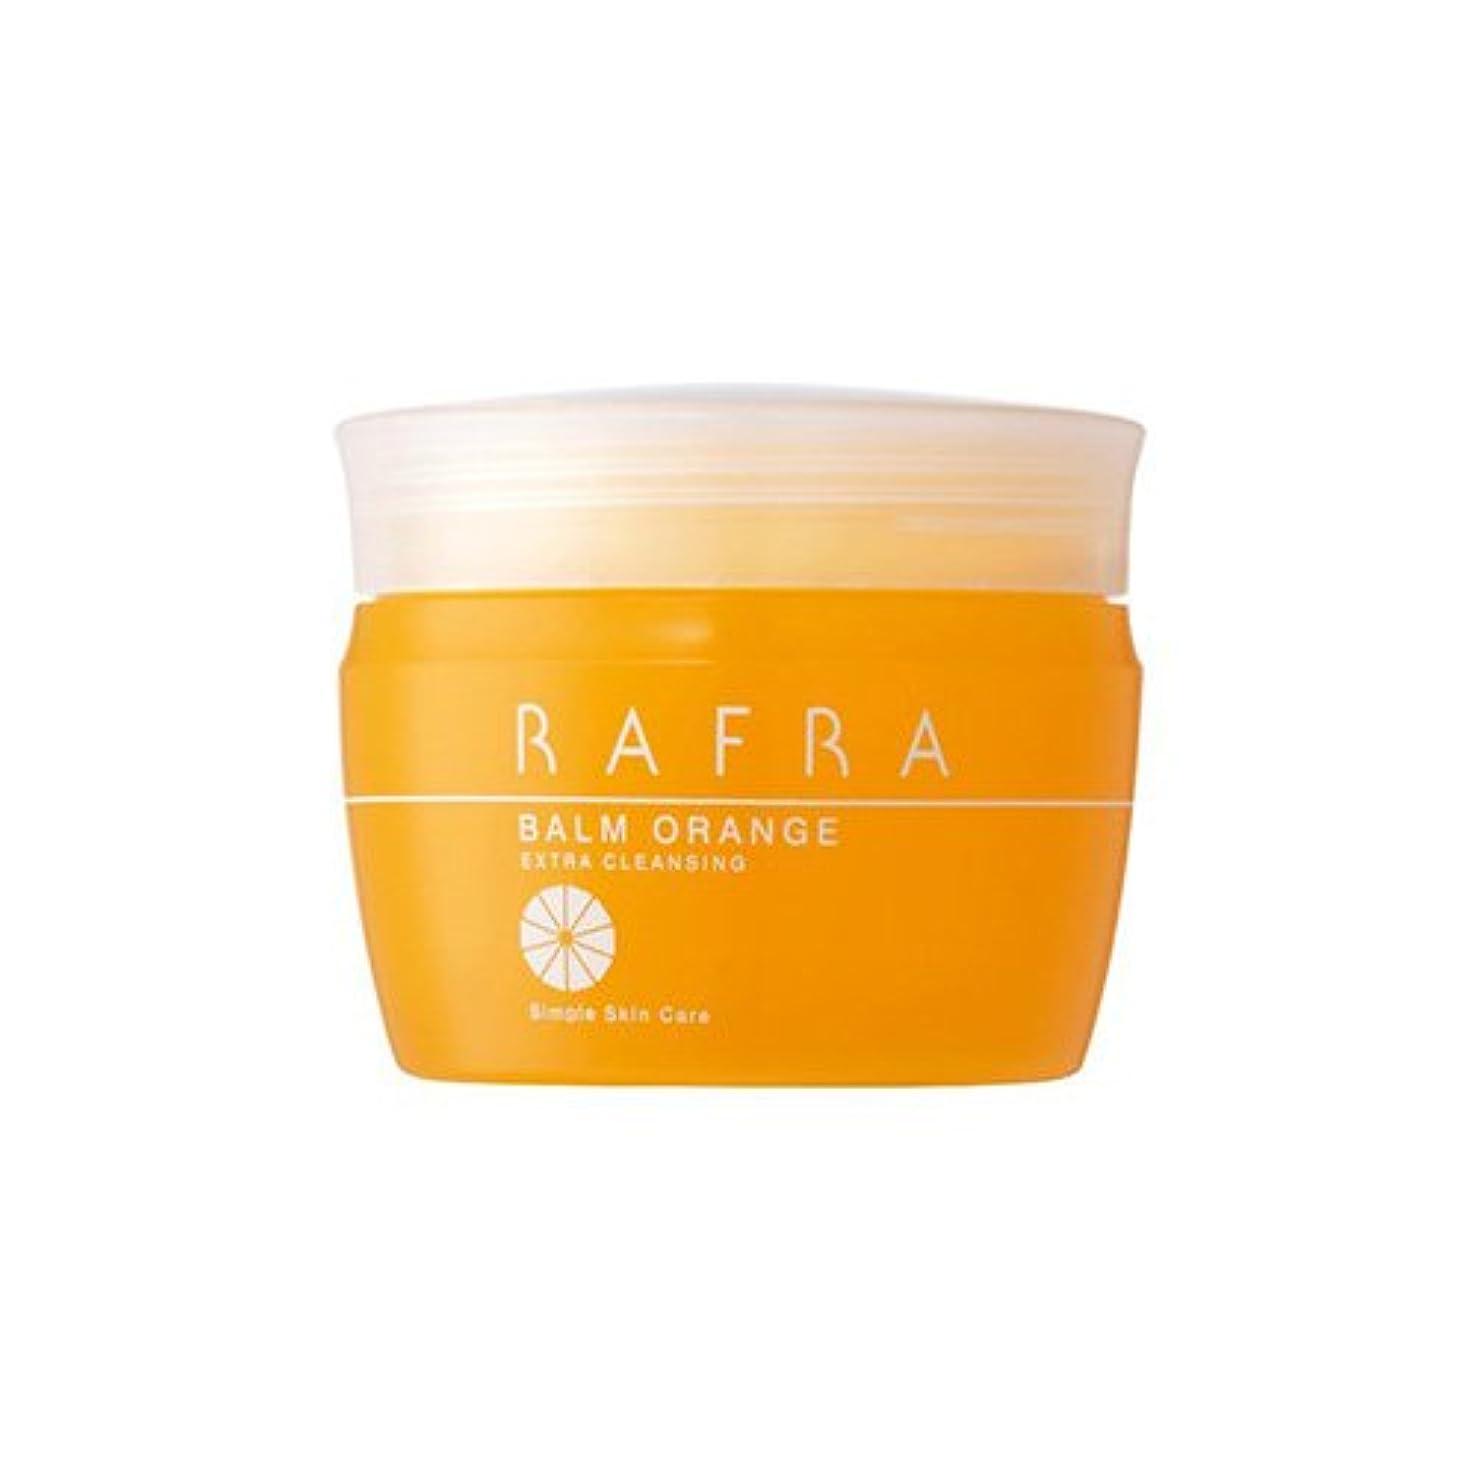 不機嫌そうな対応祈りレノアジャパン RAFRA(ラフラ) バームオレンジ 100g